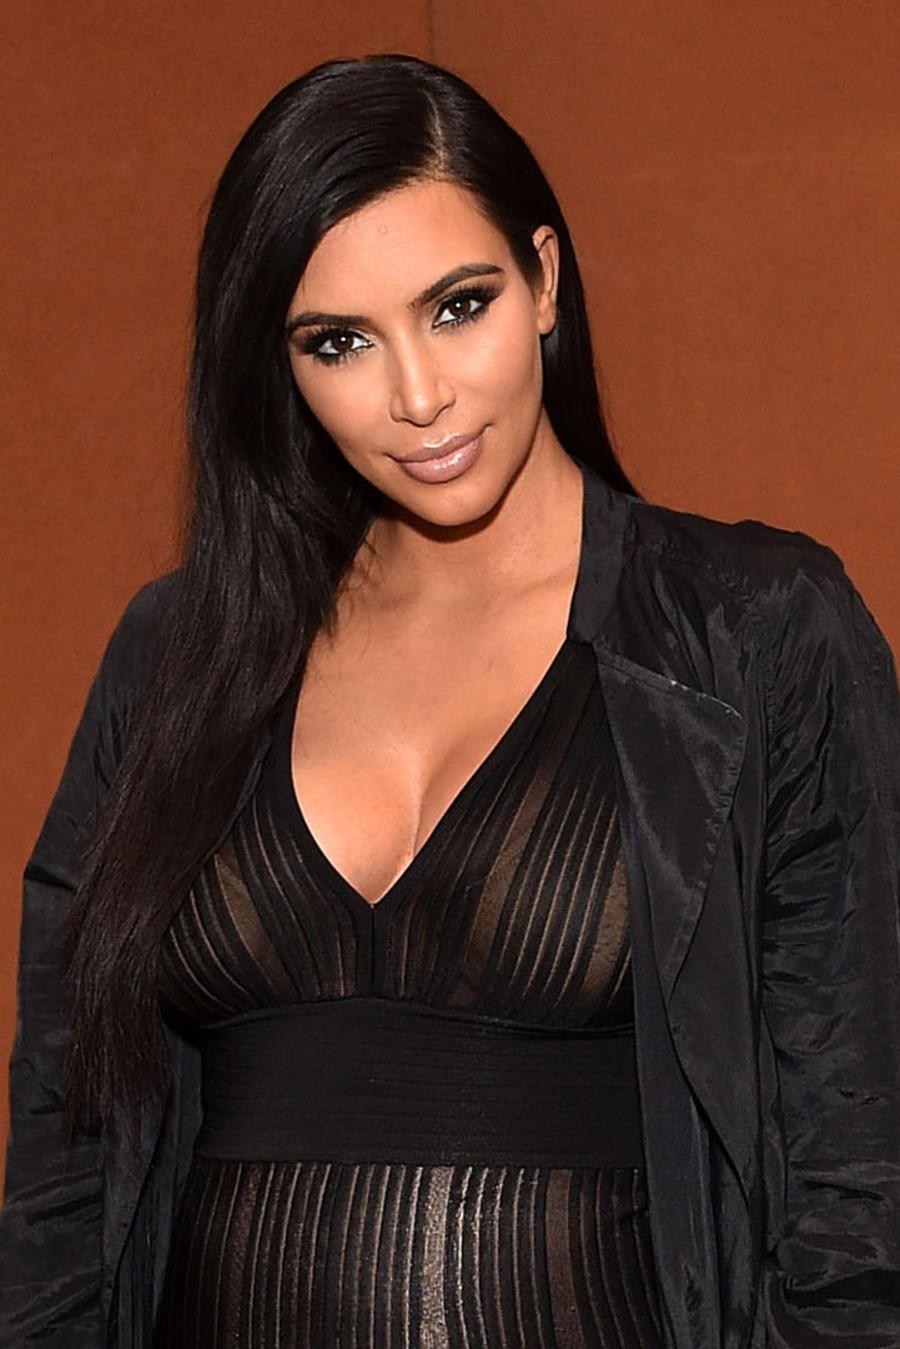 Kim Kardashian en LACMA Director's Conversation en Los Ángeles